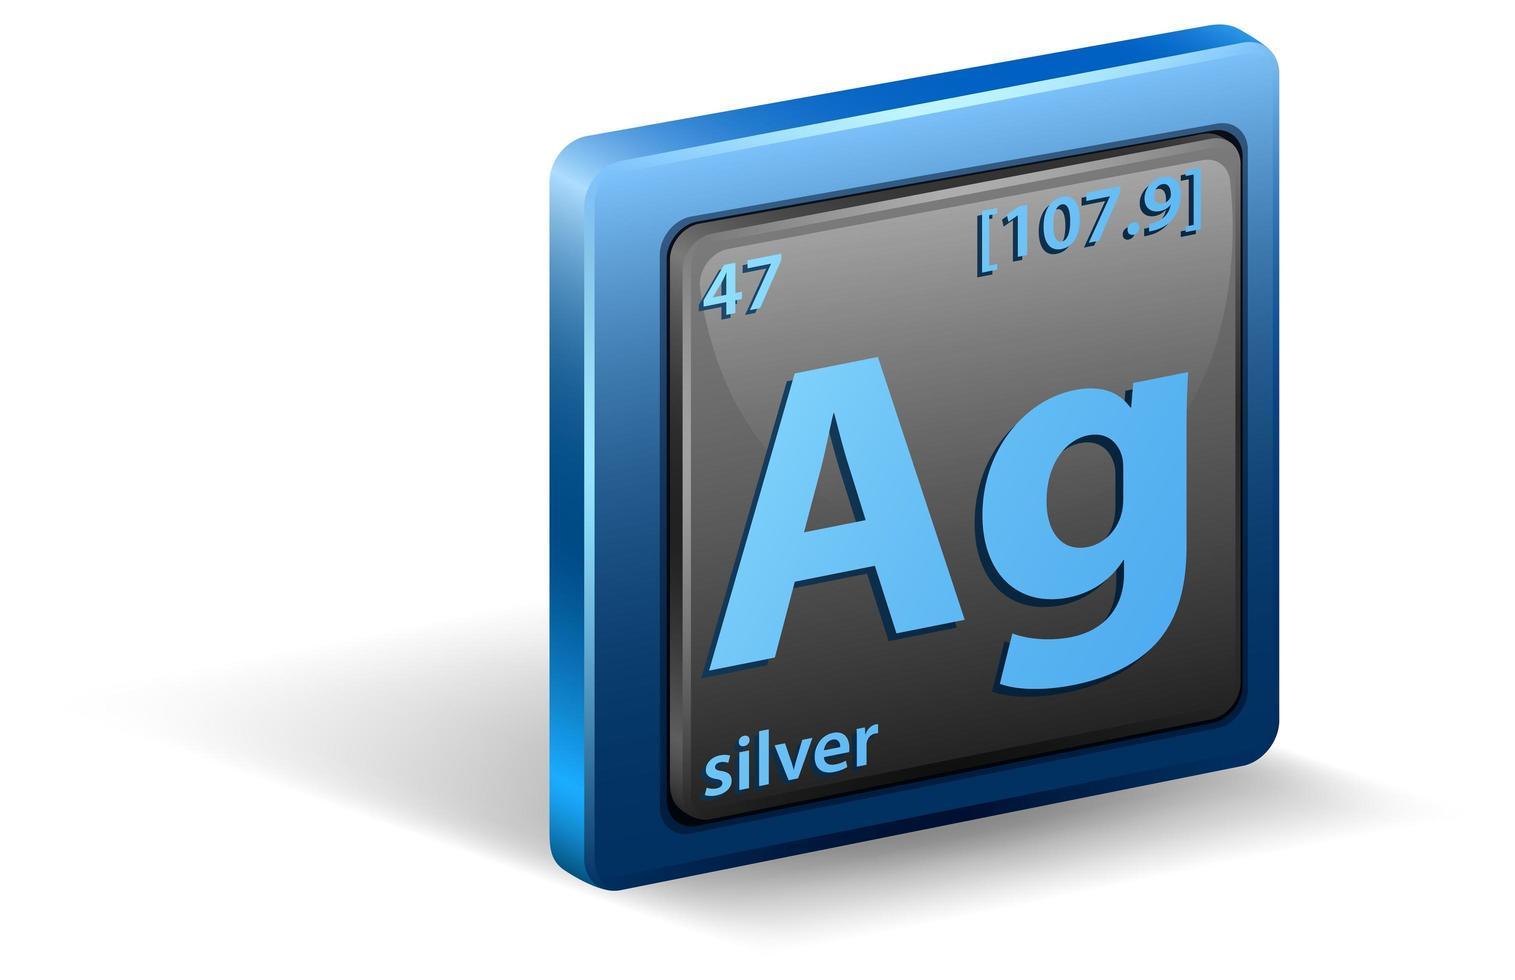 zilver scheikundig element. chemisch symbool met atoomnummer en atoommassa. vector